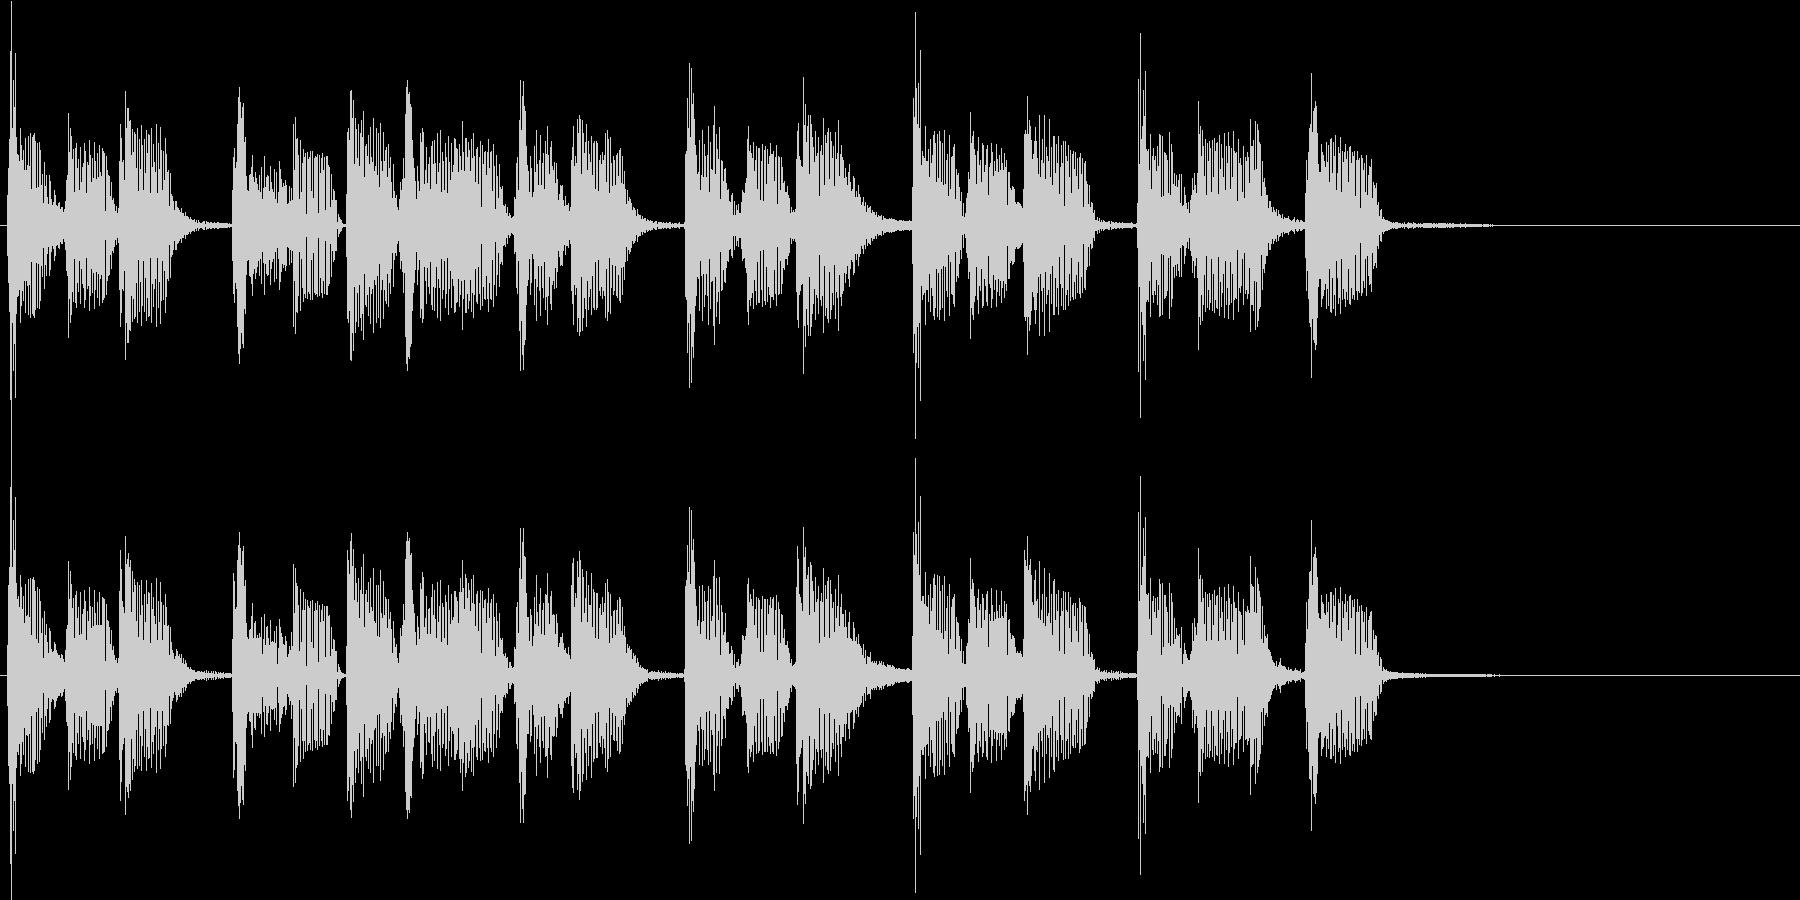 2小節ジングル03 ディスコ1の未再生の波形